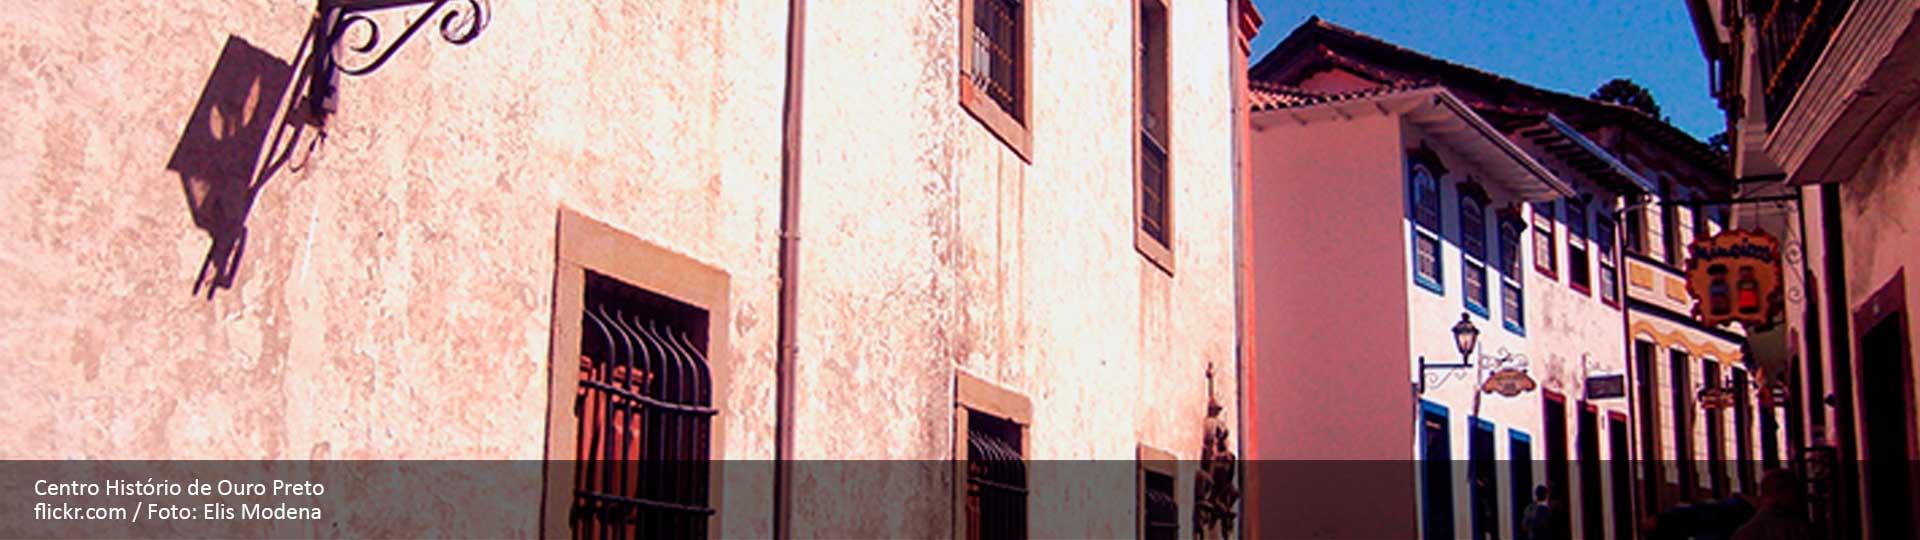 centro-historico-de-ouro-preto-mg